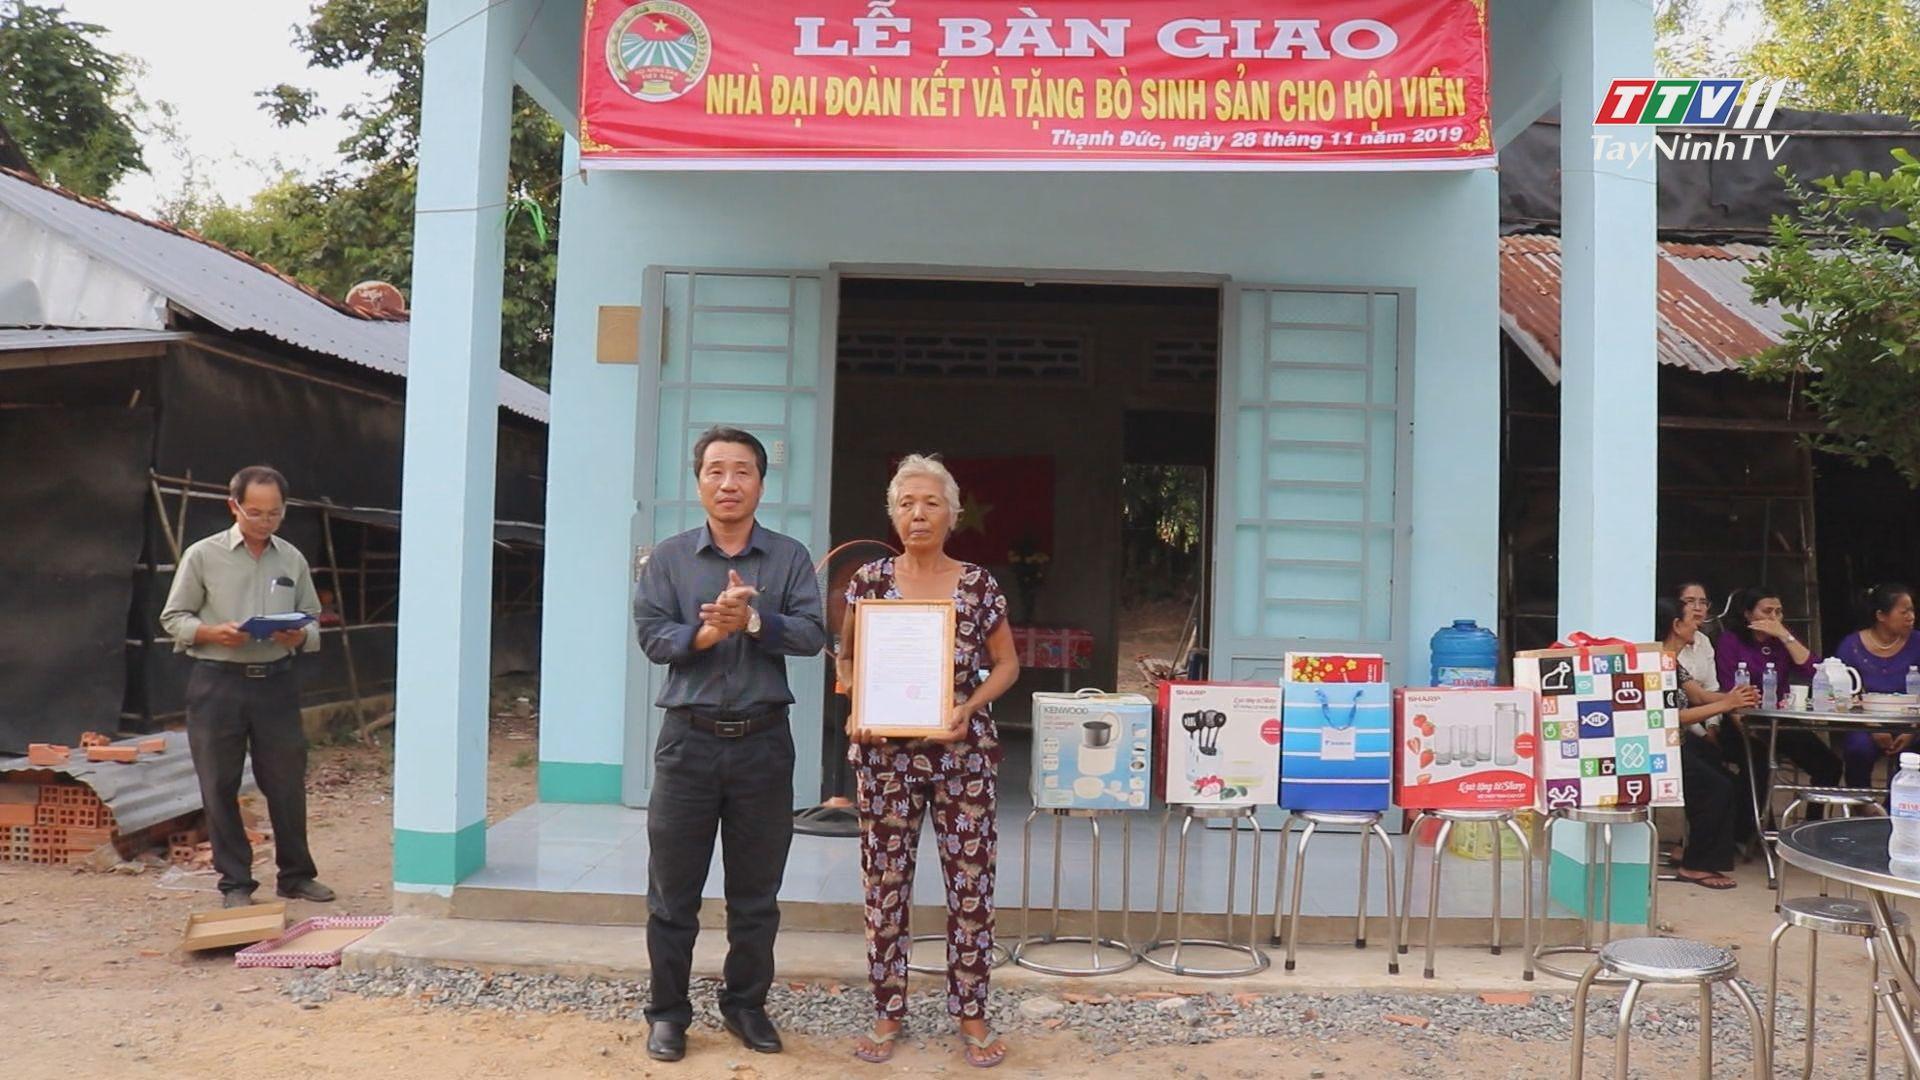 Đảng bộ xã Thạnh Đức huyện Gò Dầu | TIẾN TỚI ĐẠI HỘI ĐẢNG | TayNinhTV